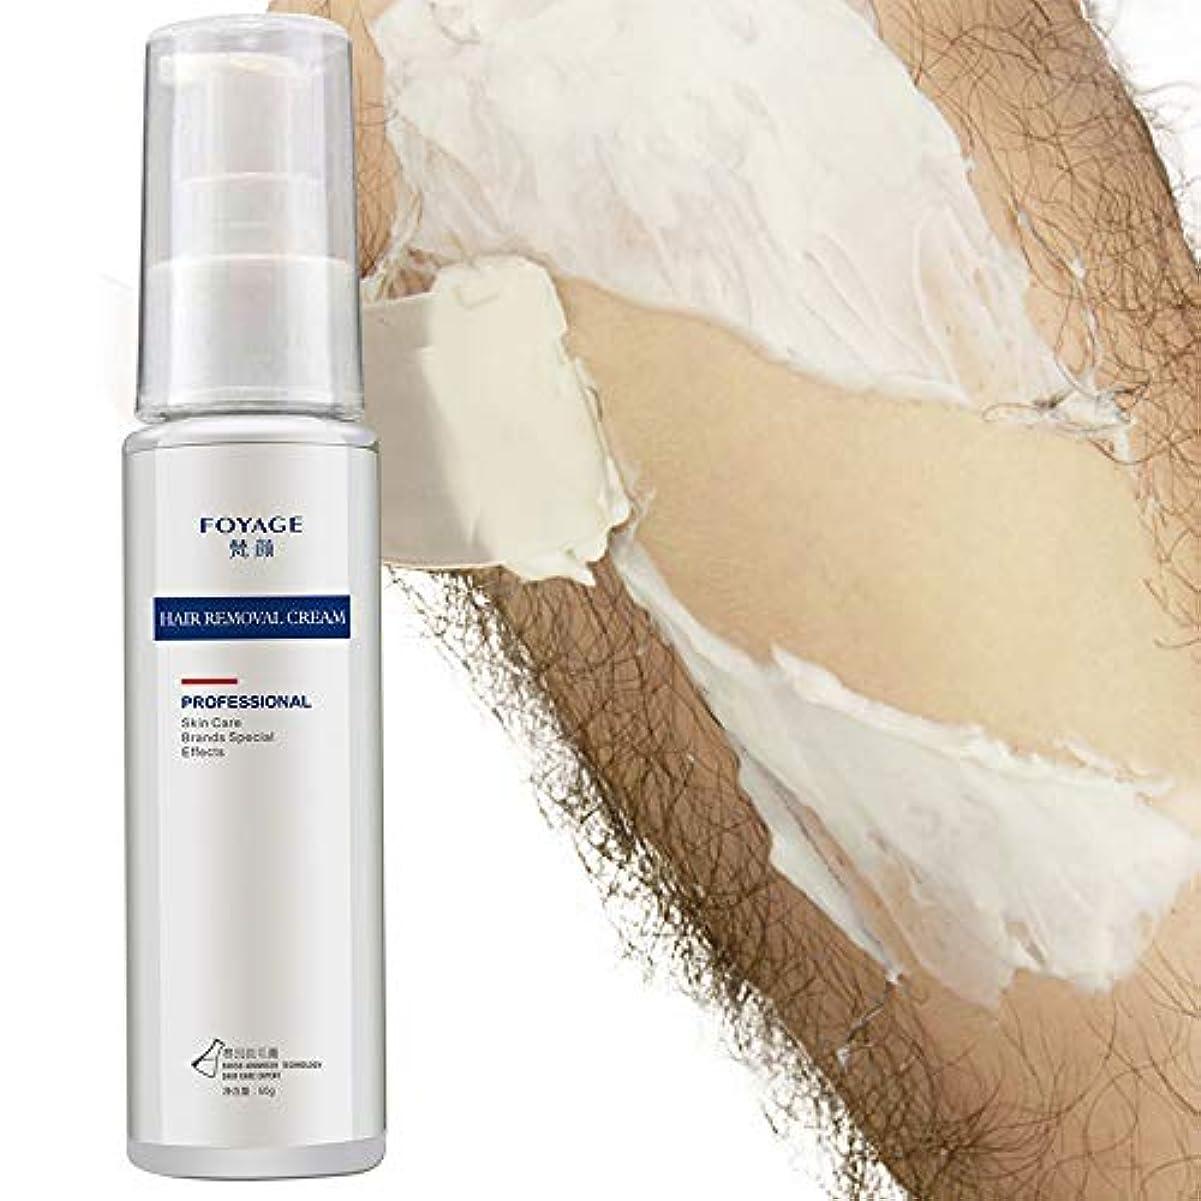 効率的にそのオークFOYAGE 脱毛 クリーム60g (剛毛、脚毛、胸毛) 用 顔と陰部に使用 禁止